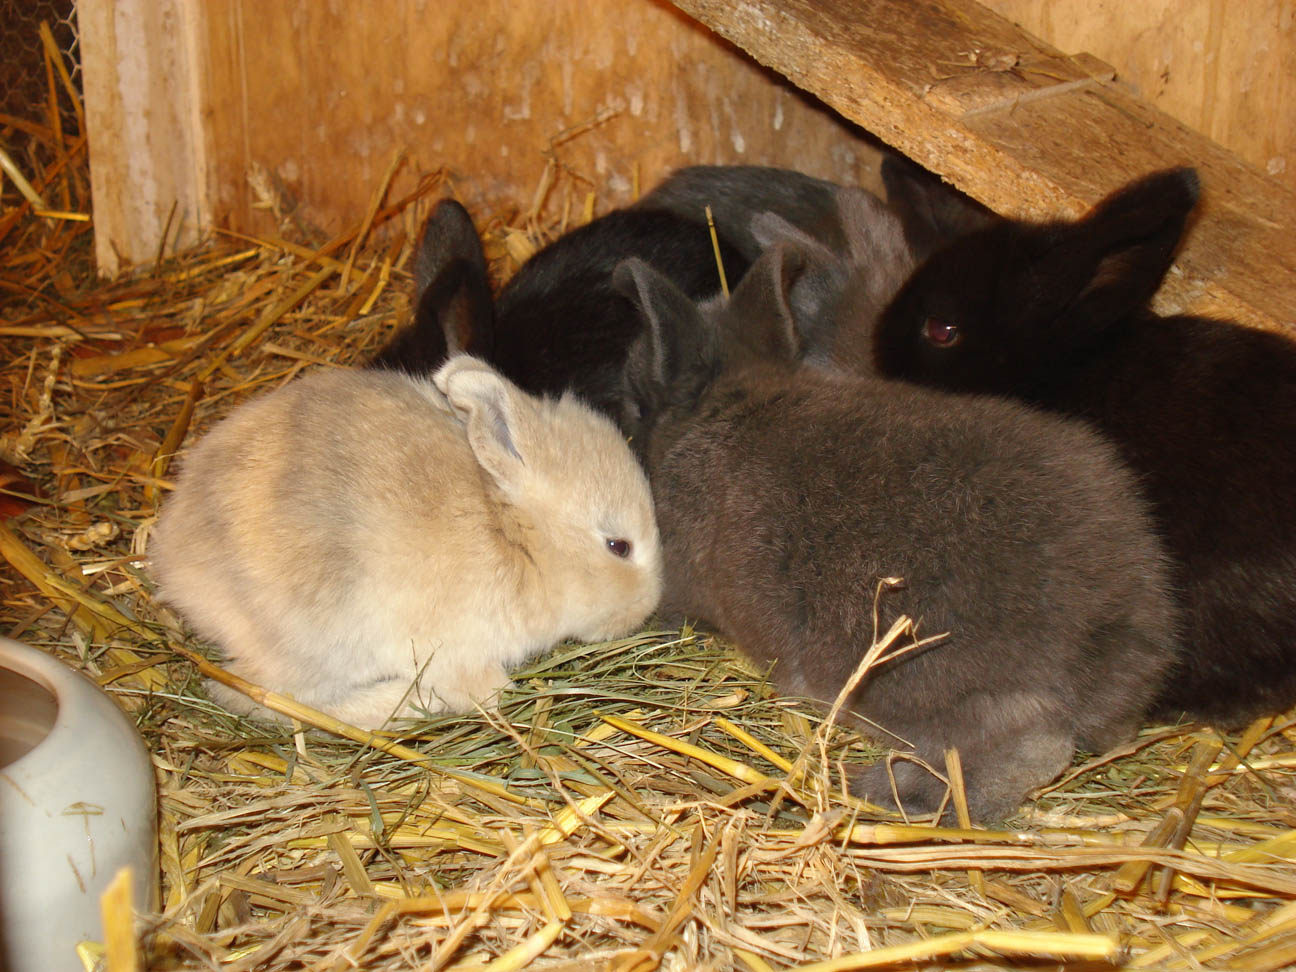 kleinanzeigen hasen kaninchen seite 6. Black Bedroom Furniture Sets. Home Design Ideas